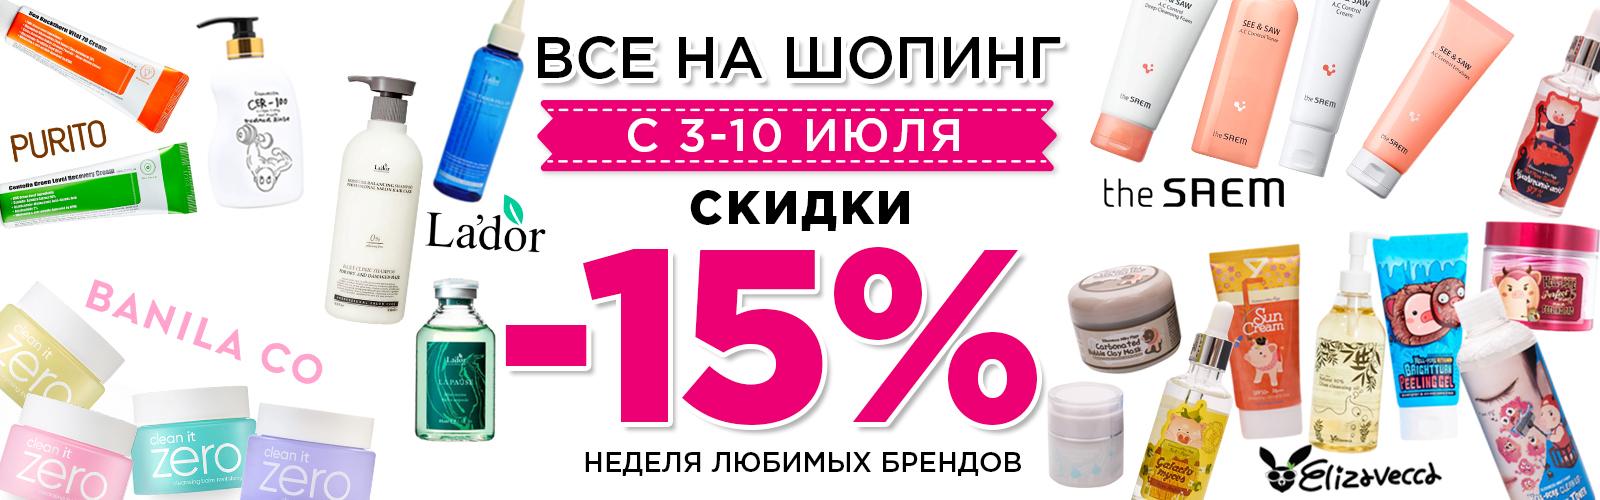 Все на шопинг с 3-10  Июля скидки -15%